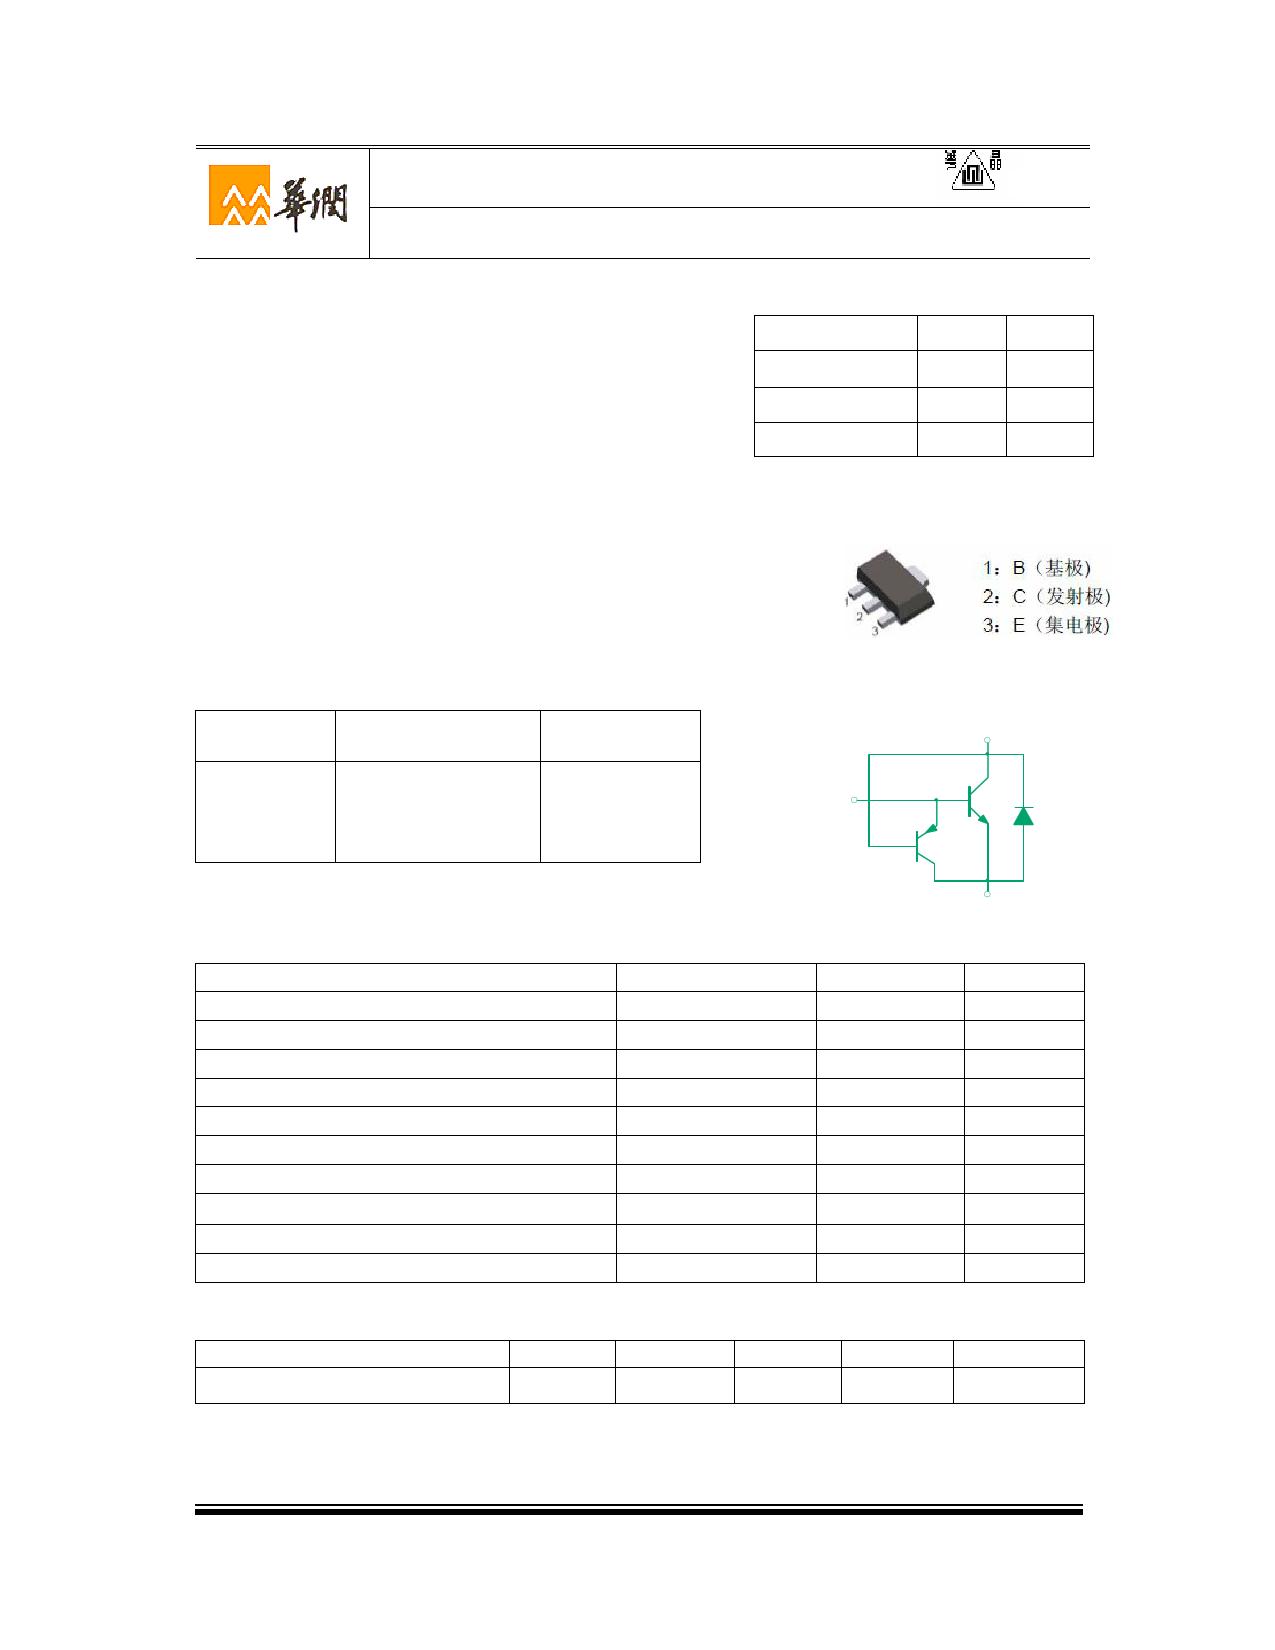 3DD13002RUD Datasheet, 3DD13002RUD PDF,ピン配置, 機能